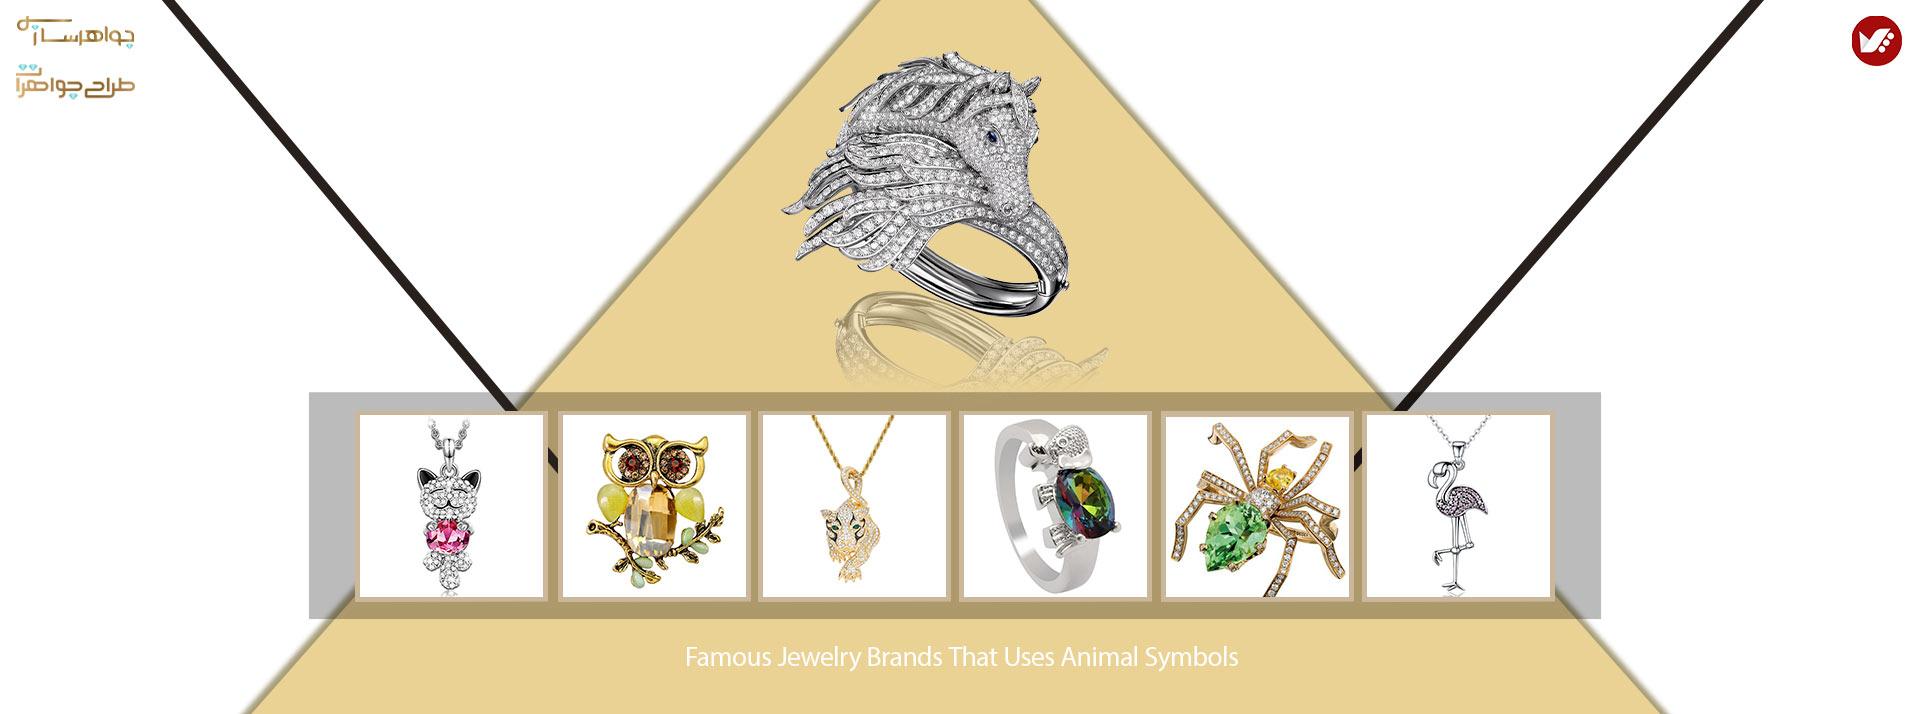 jewerly designs based on animal symbols - برندهای مطرحی که با استفاده از سمبل حیوانات در جواهرسازی غوغا به پا کردند